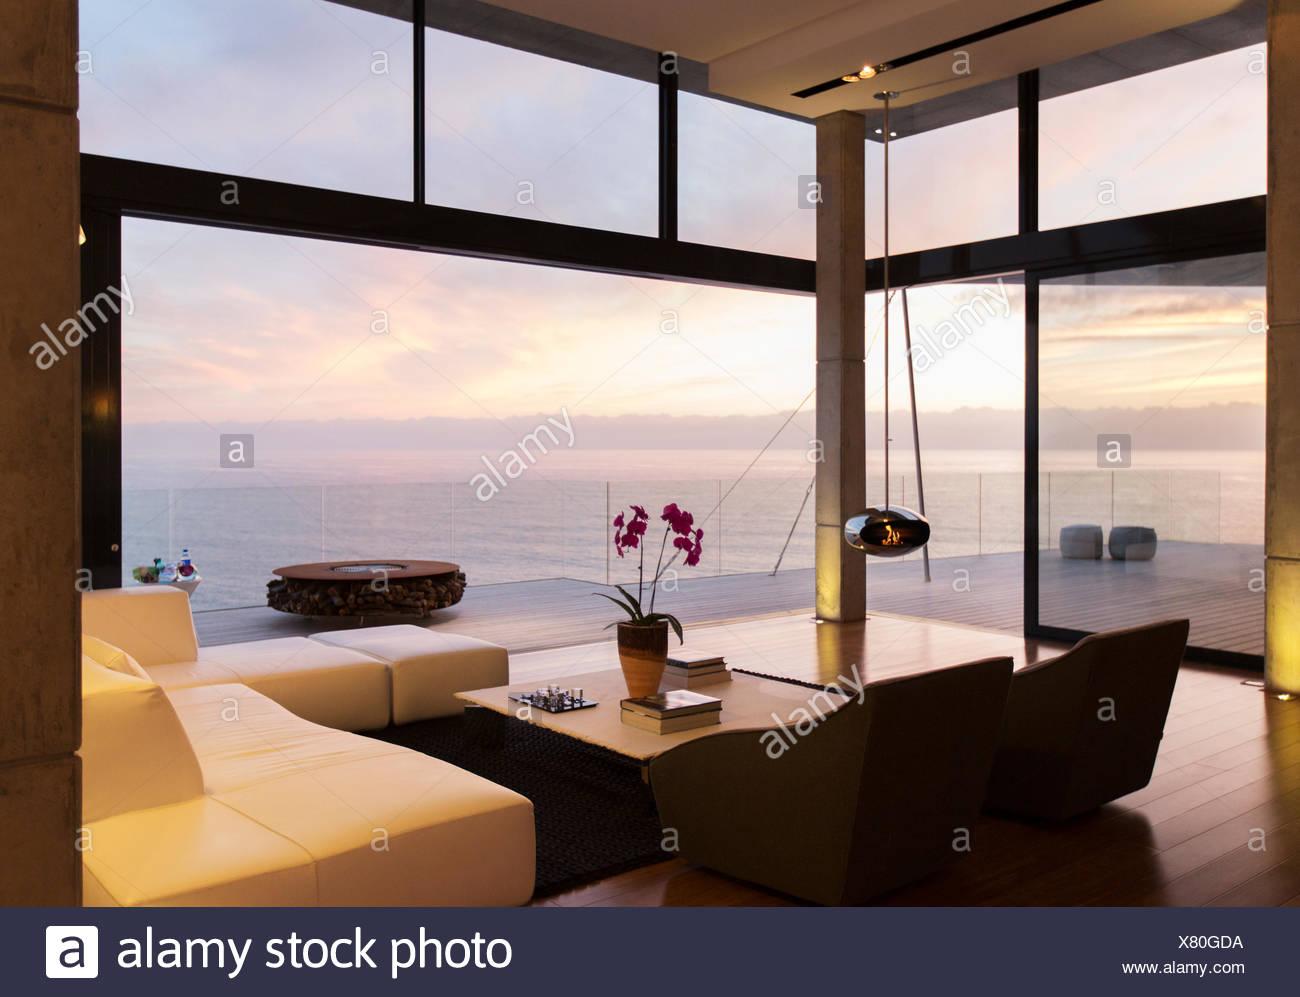 Modern living room overlooking ocean Stock Photo